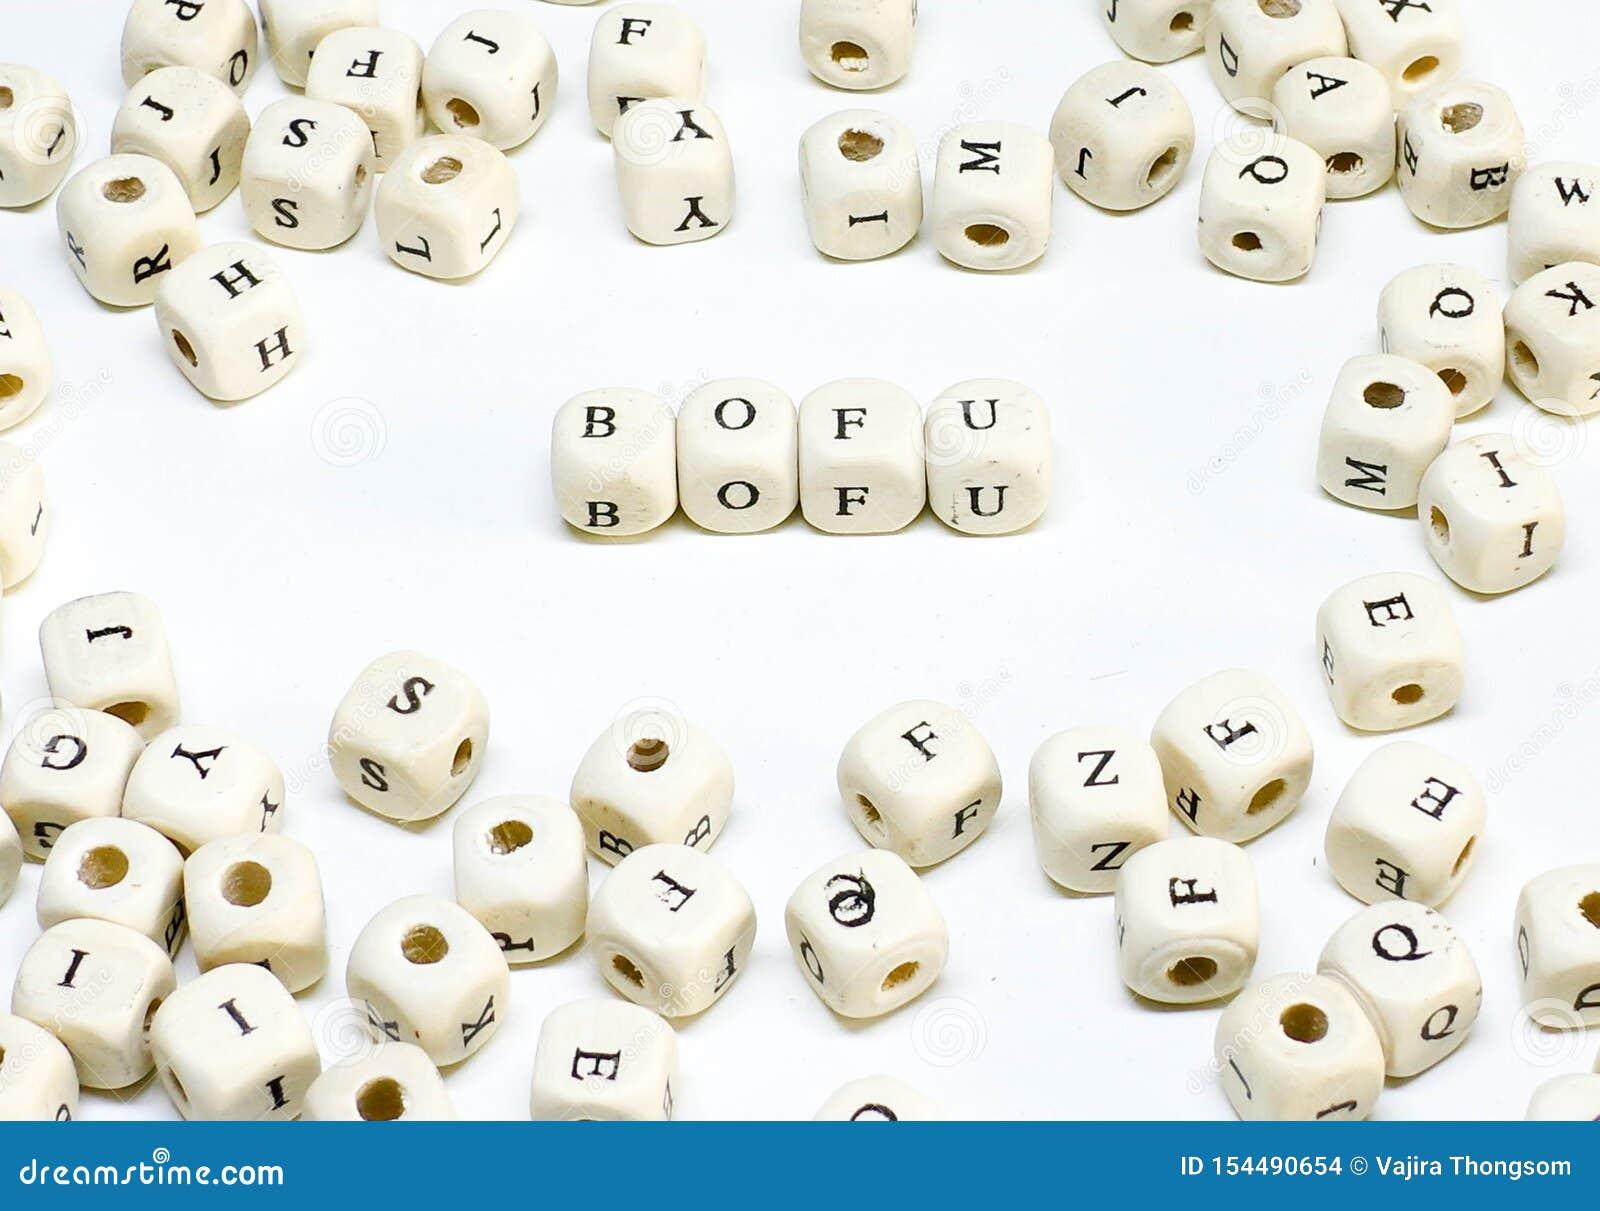 Publicidade online publicando em blogs do e-mail do comércio eletrónico e bofu de madeira social do ABC do termo de mercado dos m